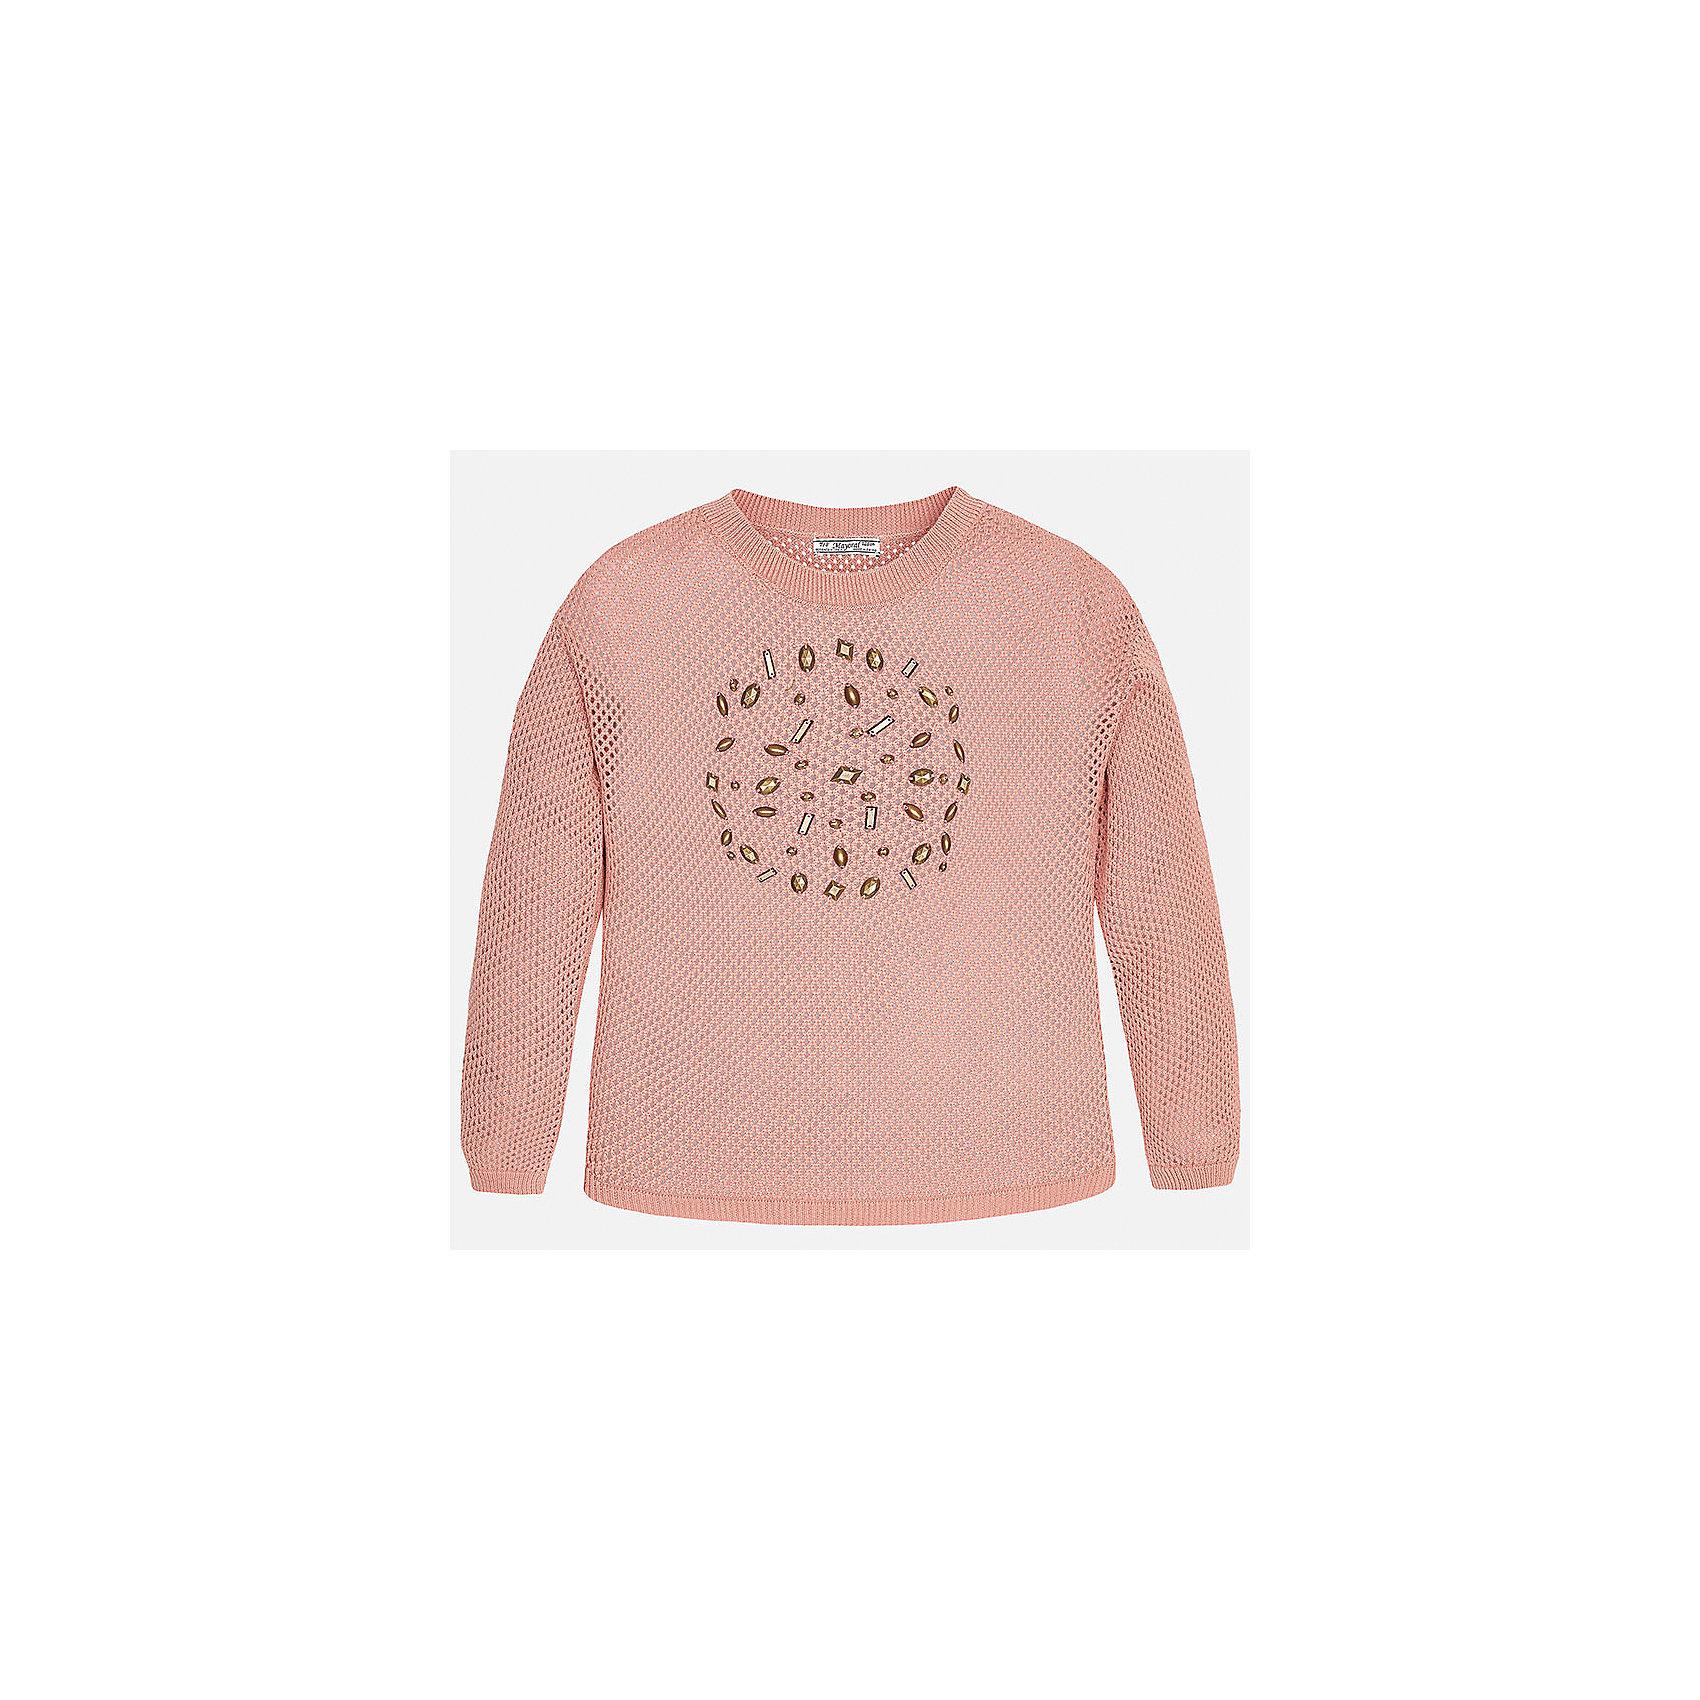 Свитер для девочки MayoralСвитера и кардиганы<br>Характеристики товара:<br><br>• цвет: розовый<br>• состав: 100% хлопок<br>• рукава длинные<br>• украшен бусинами<br>• горловой вырез округлый<br>• отделка краев<br>• страна бренда: Испания<br><br>Удобный и красивый свитер для девочки поможет разнообразить гардероб ребенка и украсить наряд. Он отлично сочетается и с юбками, и с брюками. Универсальный цвет позволяет подобрать к вещи низ различных расцветок. Интересная отделка модели делает её нарядной и оригинальной. <br><br>Одежда, обувь и аксессуары от испанского бренда Mayoral полюбились детям и взрослым по всему миру. Модели этой марки - стильные и удобные. Для их производства используются только безопасные, качественные материалы и фурнитура. Порадуйте ребенка модными и красивыми вещами от Mayoral! <br><br>Свитер для девочки от испанского бренда Mayoral (Майорал) можно купить в нашем интернет-магазине.<br><br>Ширина мм: 190<br>Глубина мм: 74<br>Высота мм: 229<br>Вес г: 236<br>Цвет: розовый<br>Возраст от месяцев: 168<br>Возраст до месяцев: 180<br>Пол: Женский<br>Возраст: Детский<br>Размер: 170,152,128/134,140,158,164<br>SKU: 5292762